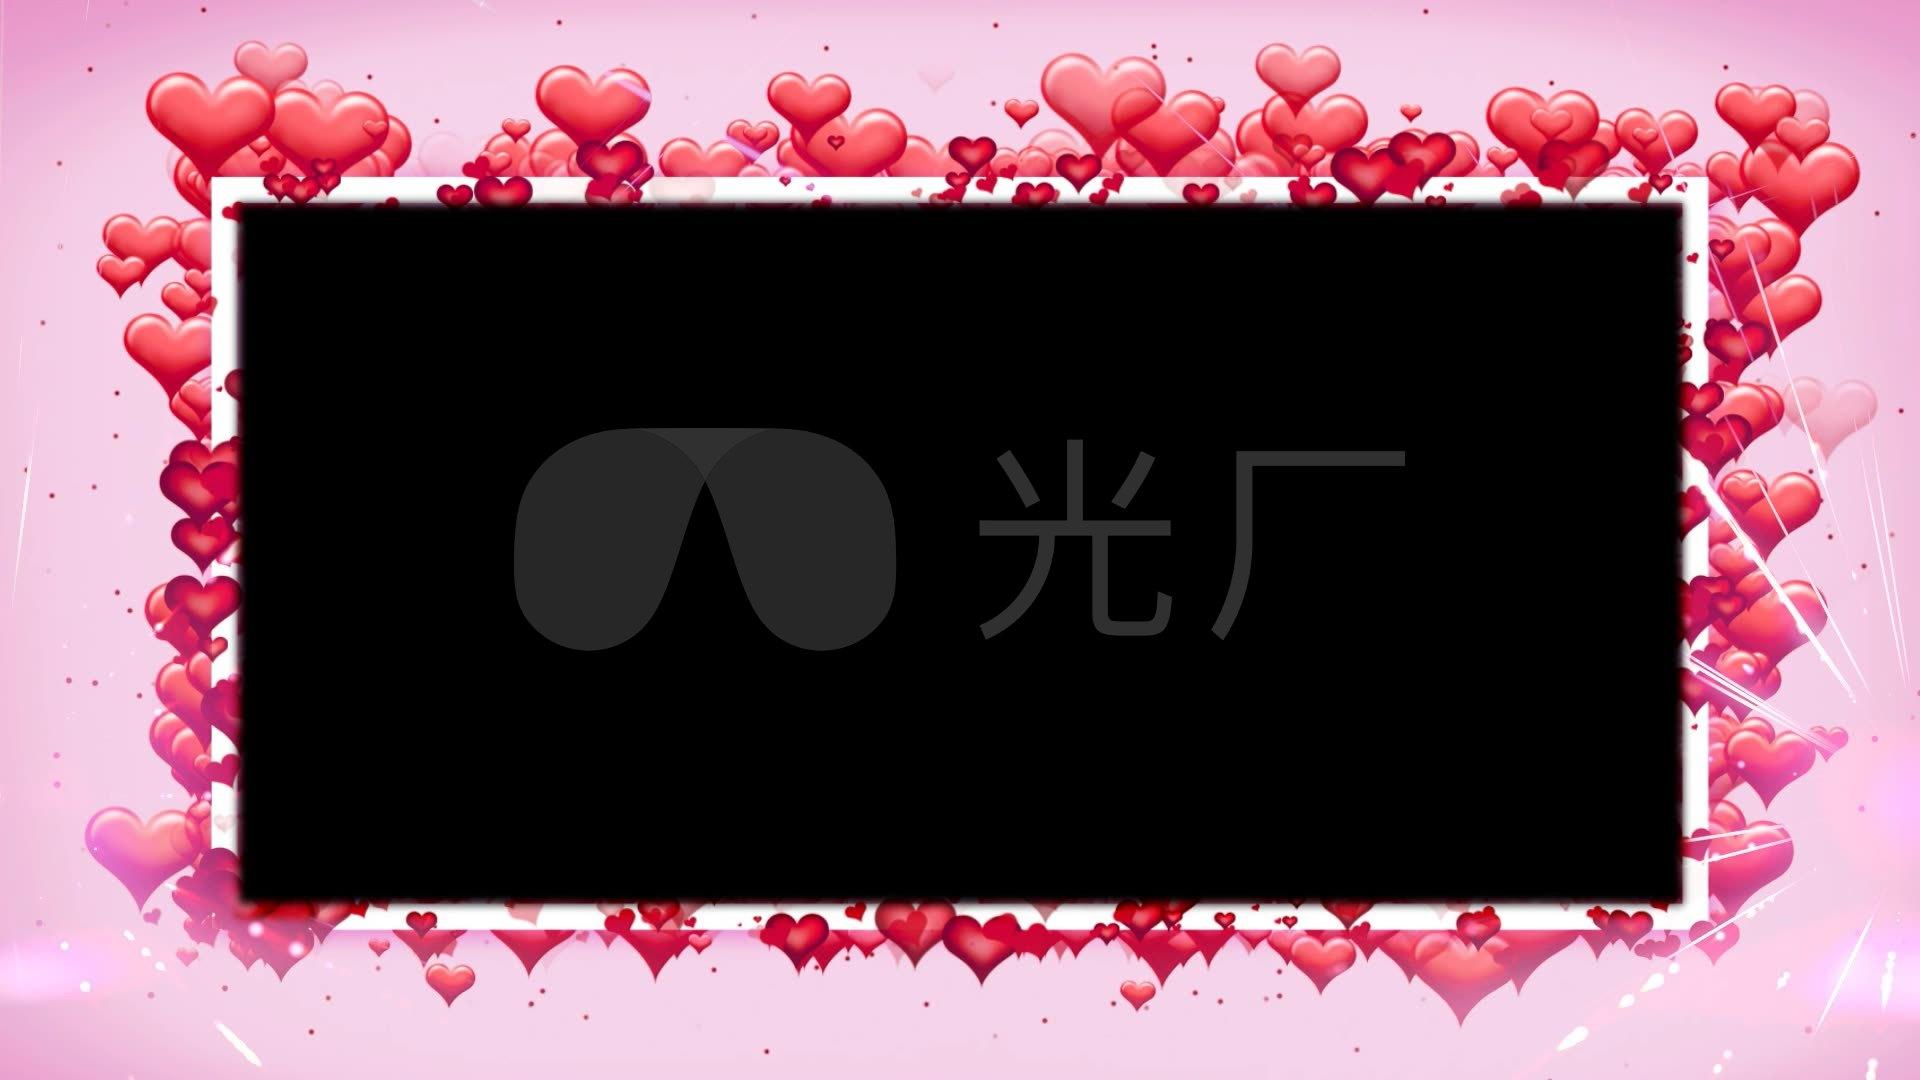 浪漫可爱的红色爱心视频边框婚庆祝福边框_1920x1080